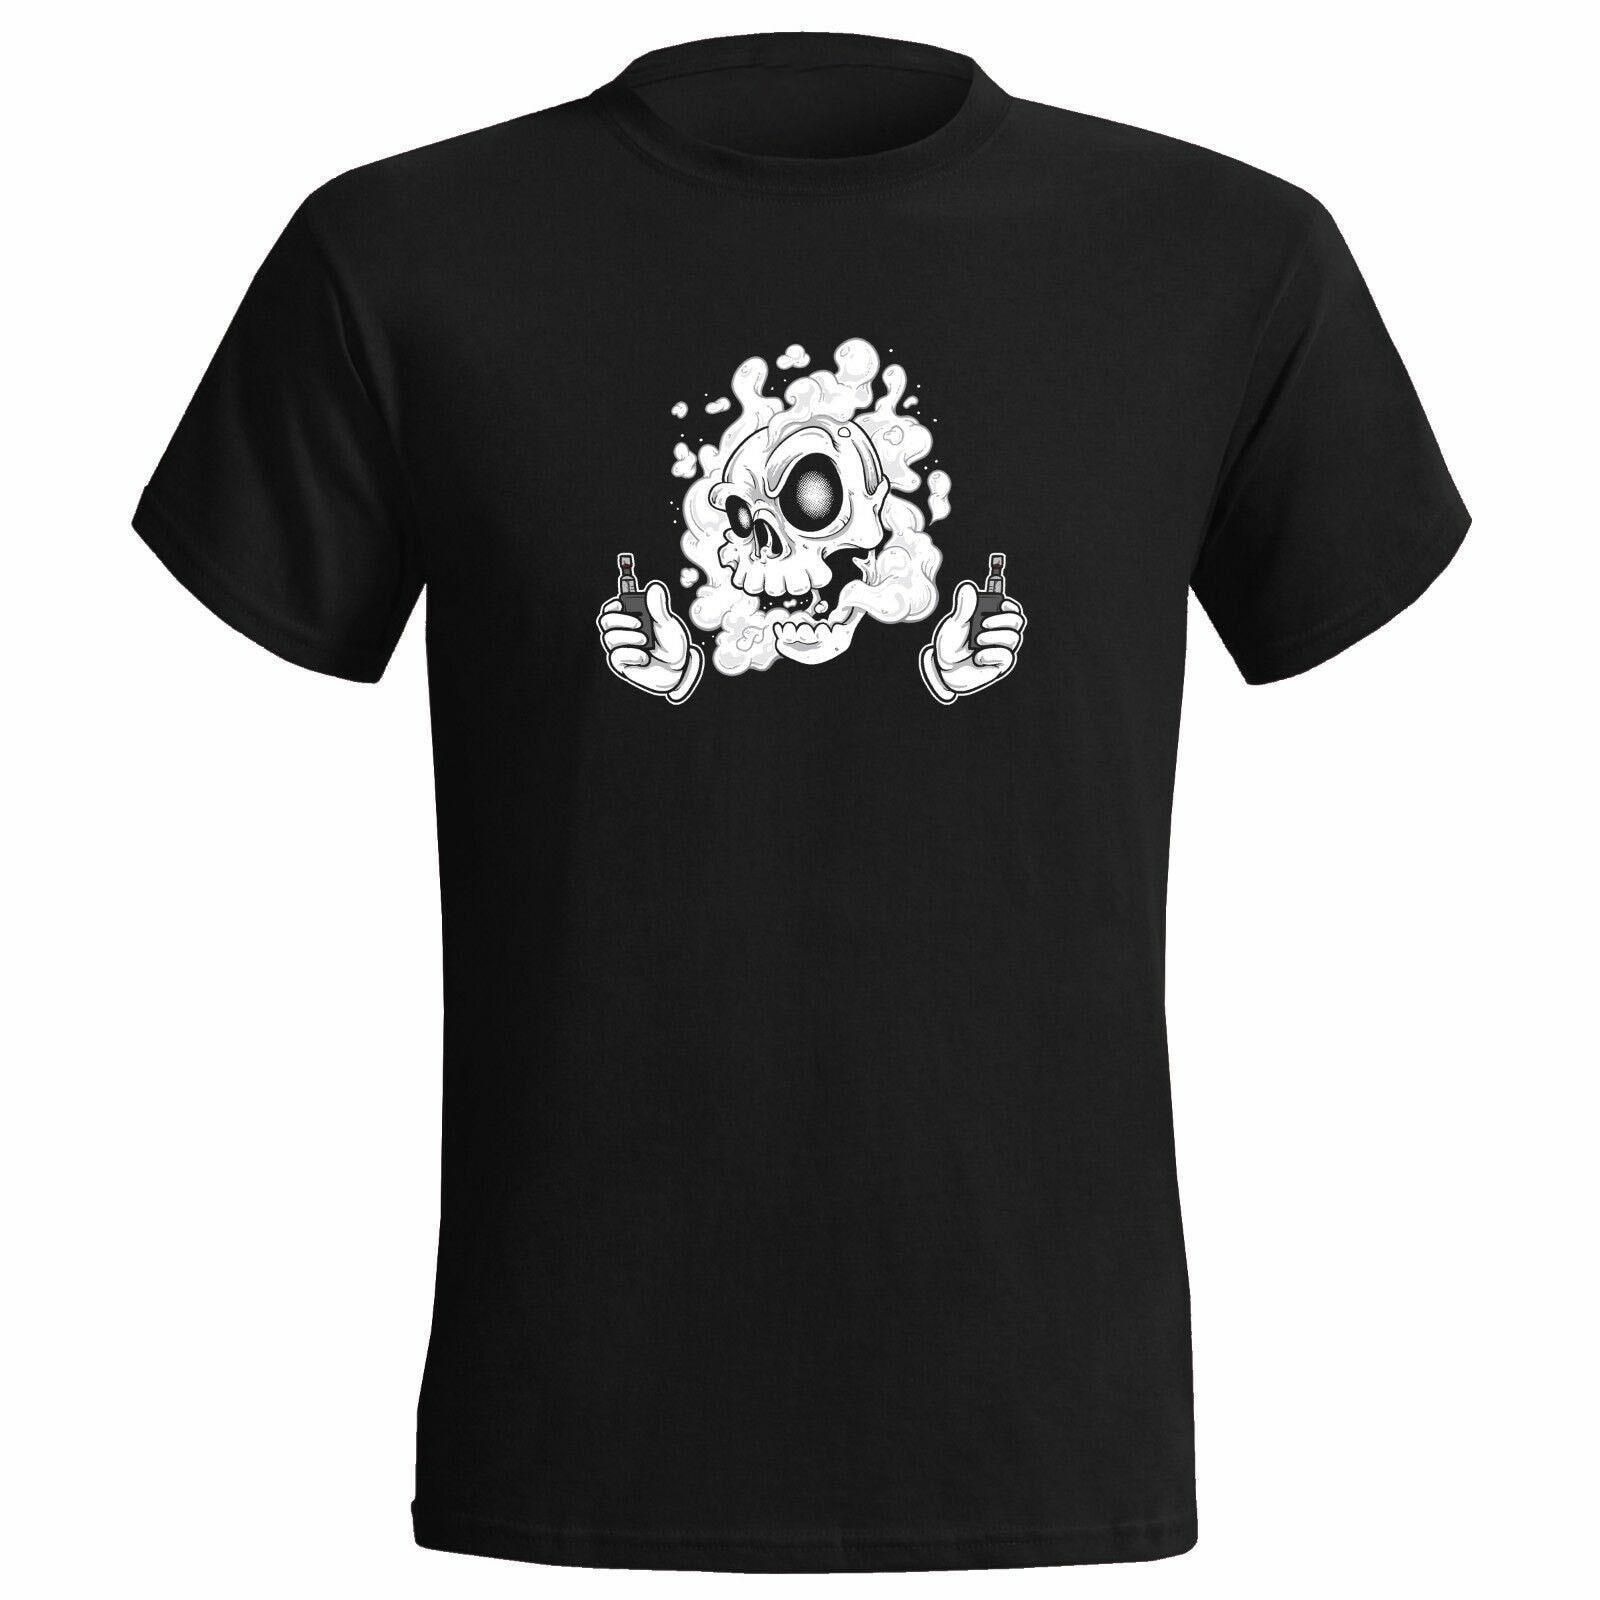 Dois mod nuvem chaser t camisa das mulheres dos homens vape crânio esqueleto amor para fumar presente ginásio roupas esportivas topos camiseta